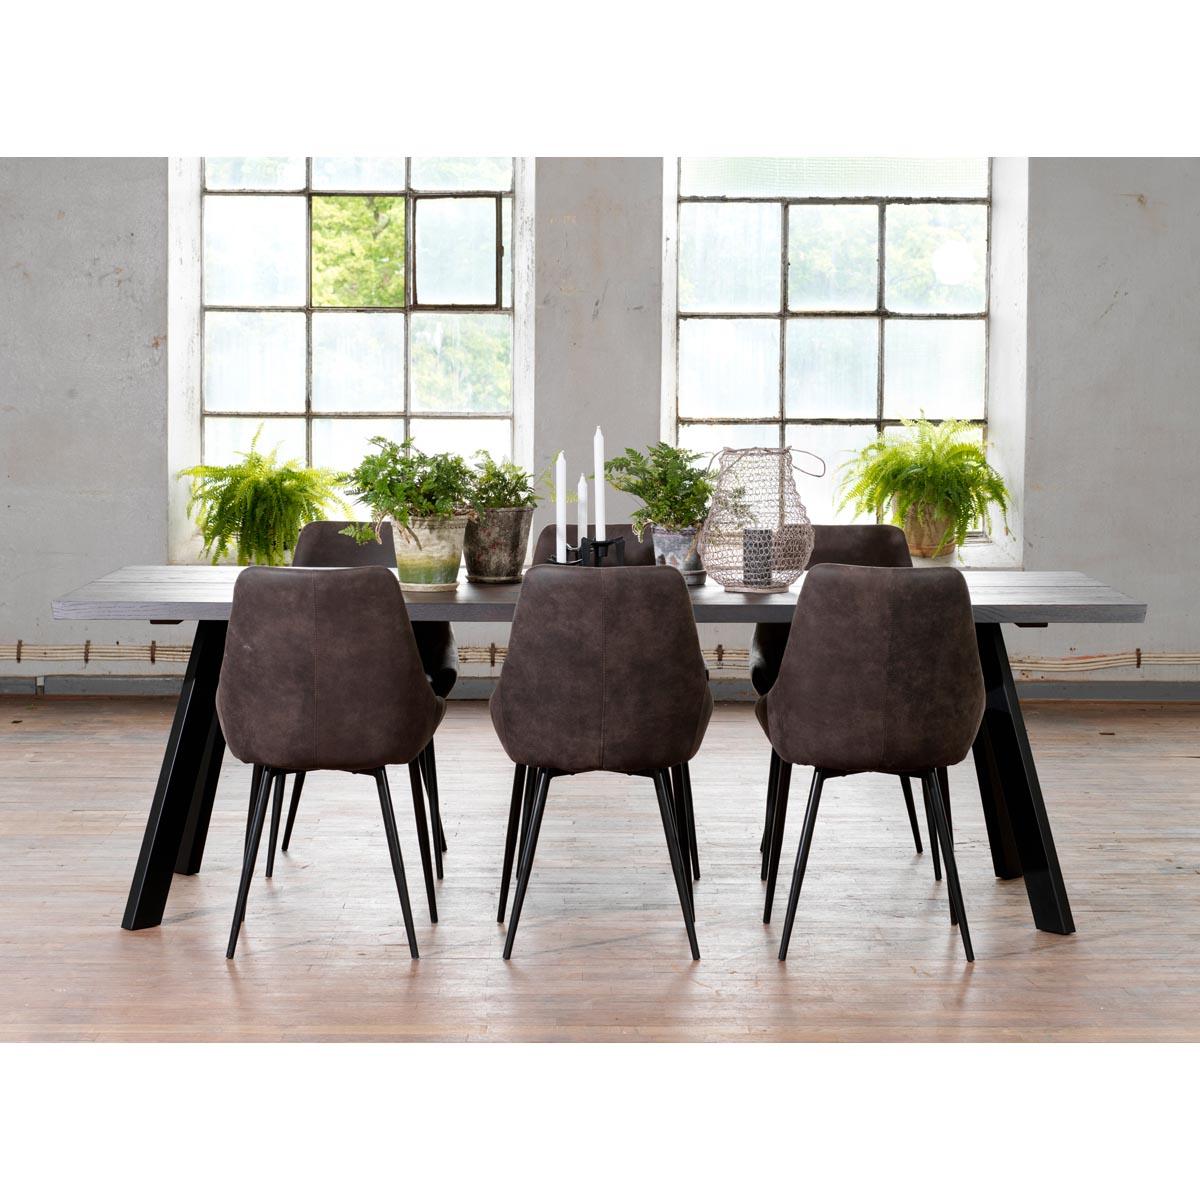 Fred mörkbrunt matbord + Sierra stolar, miljö PD